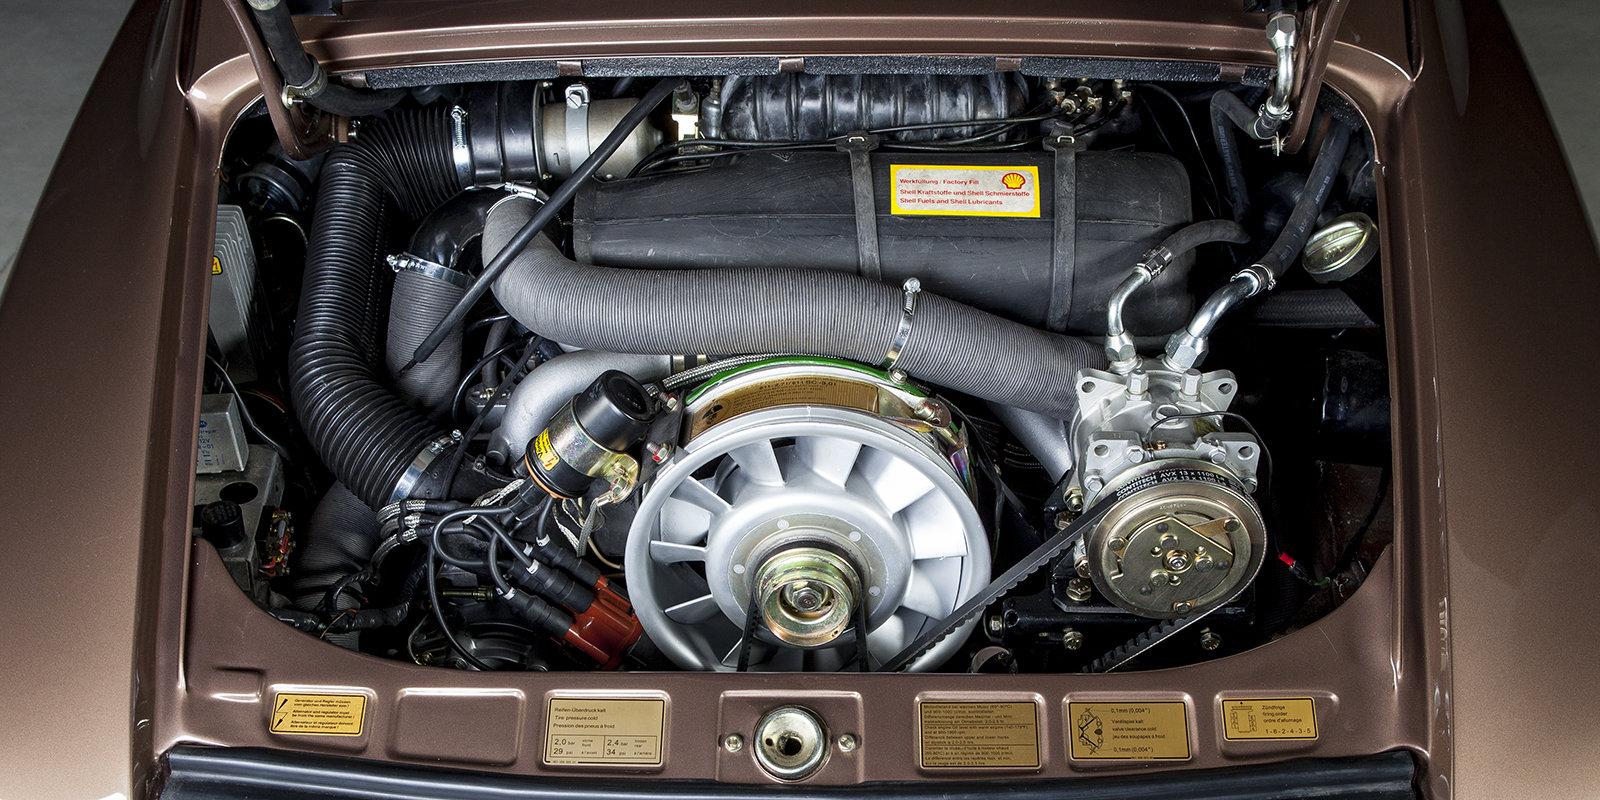 1976 Porsche 911 2.7S coupé copper brown tartan For Sale (picture 2 of 4)